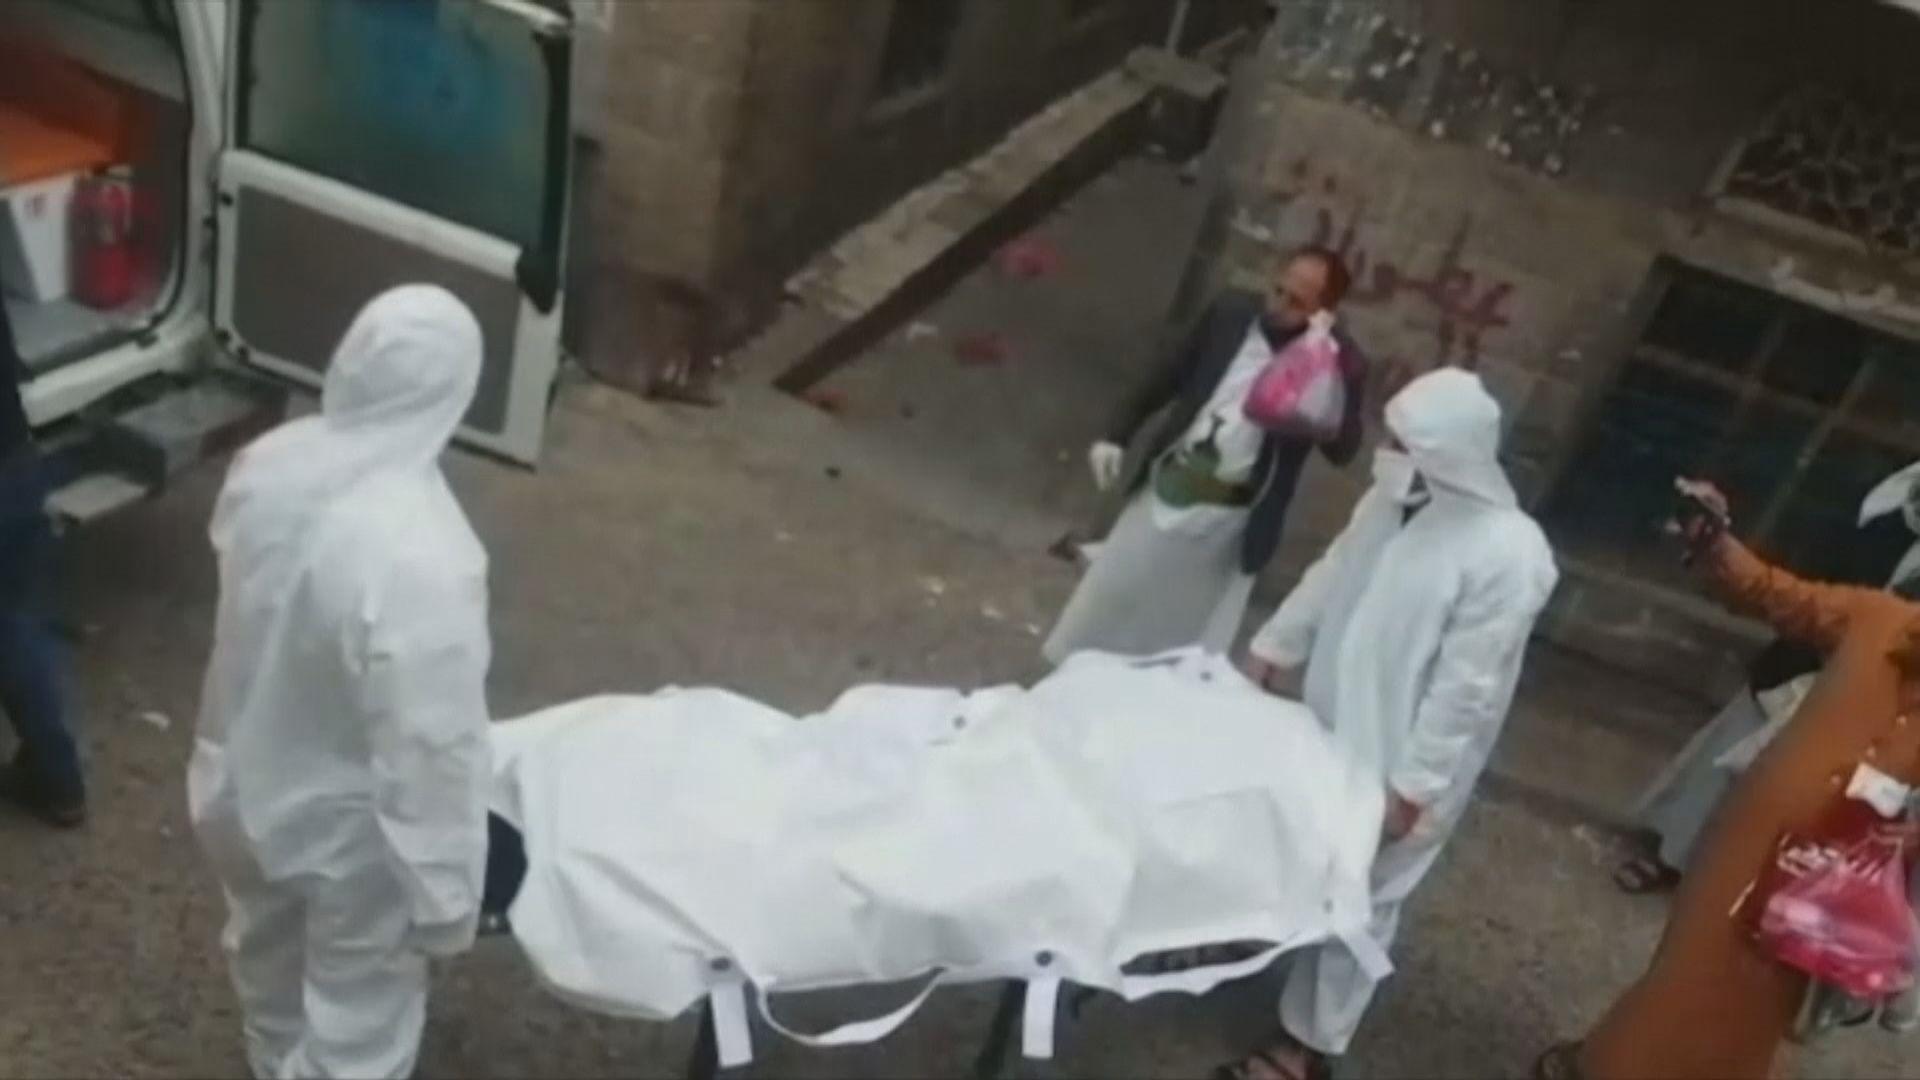 歐洲多國疫情緩和 惟非洲疫情加劇 逾二十萬宗確診